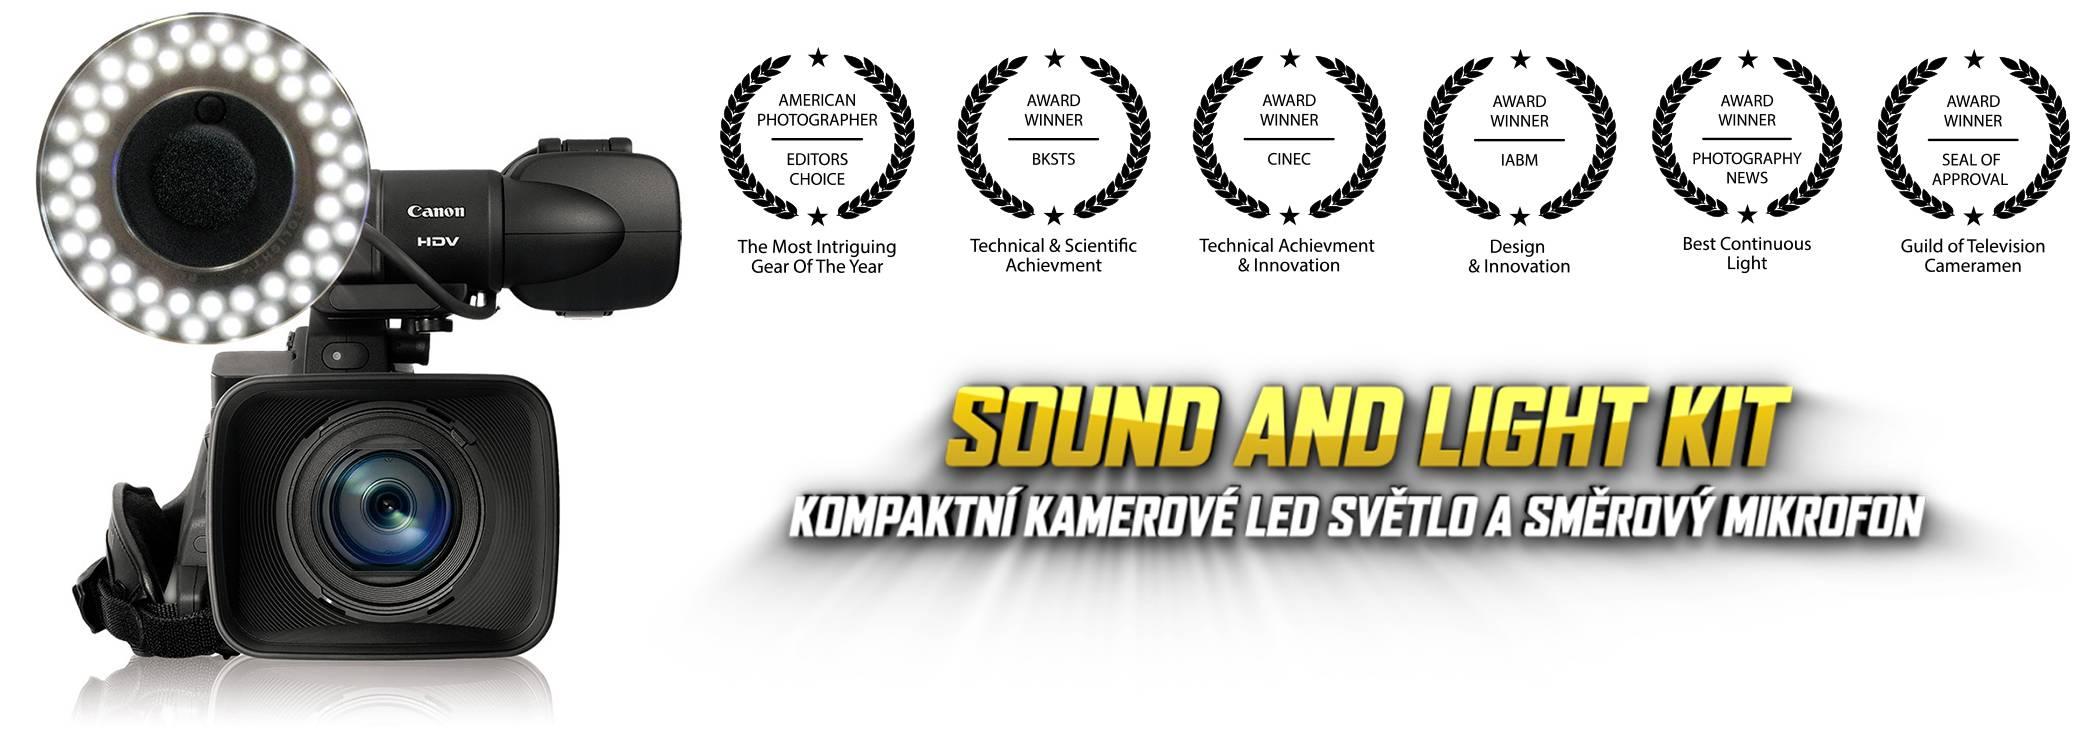 film-technika-rotolight-rl-48-led-světlo-a-směrový-mikrofon